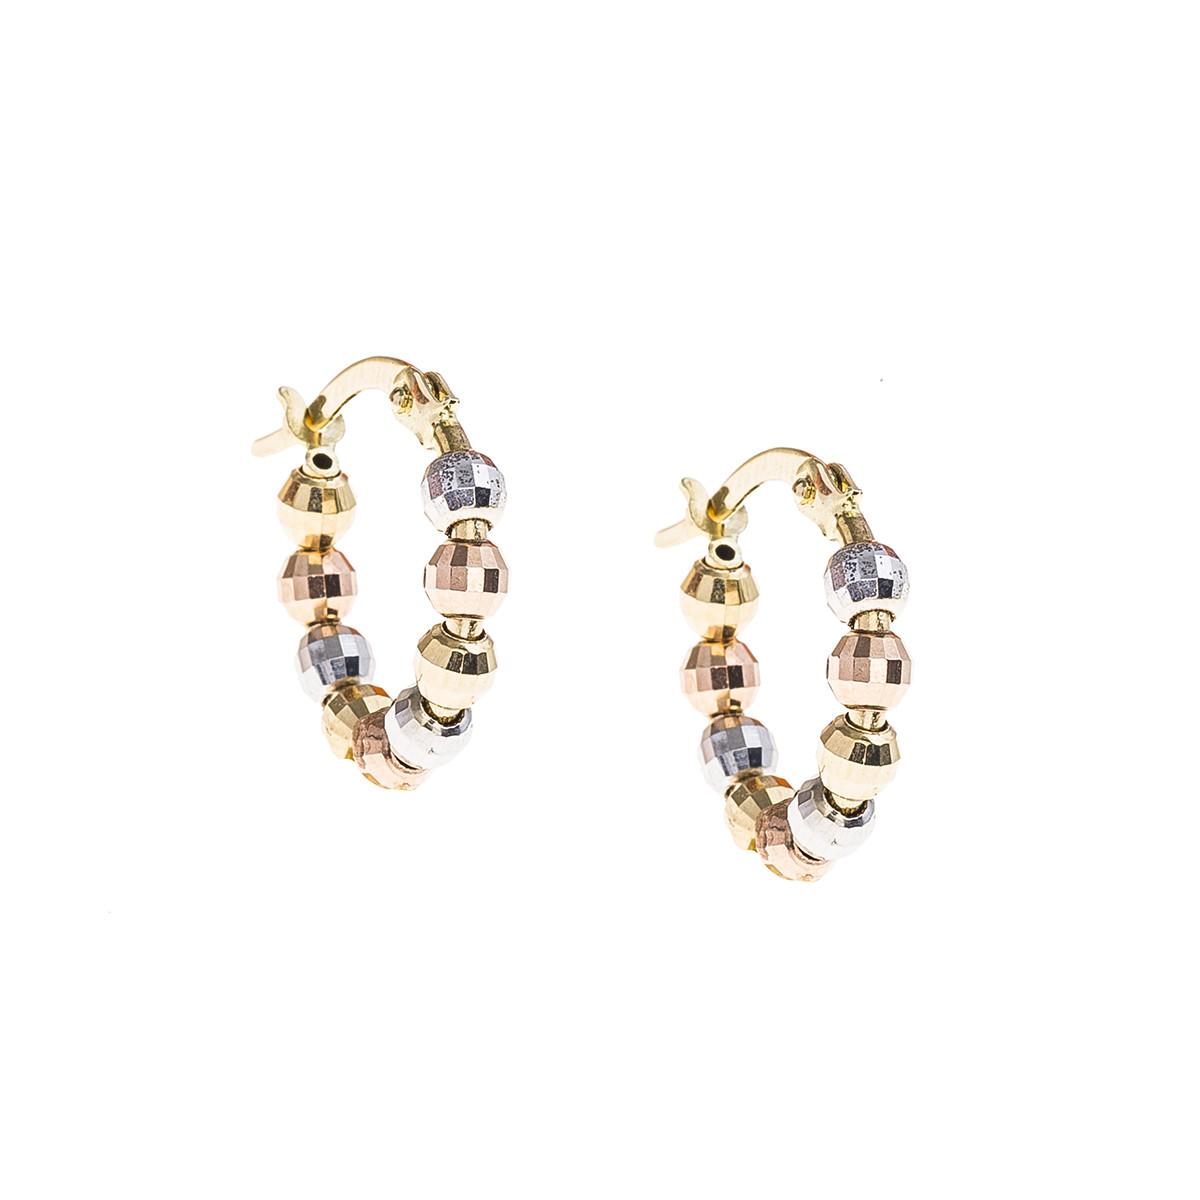 Vintage Bead Hoop Earrings